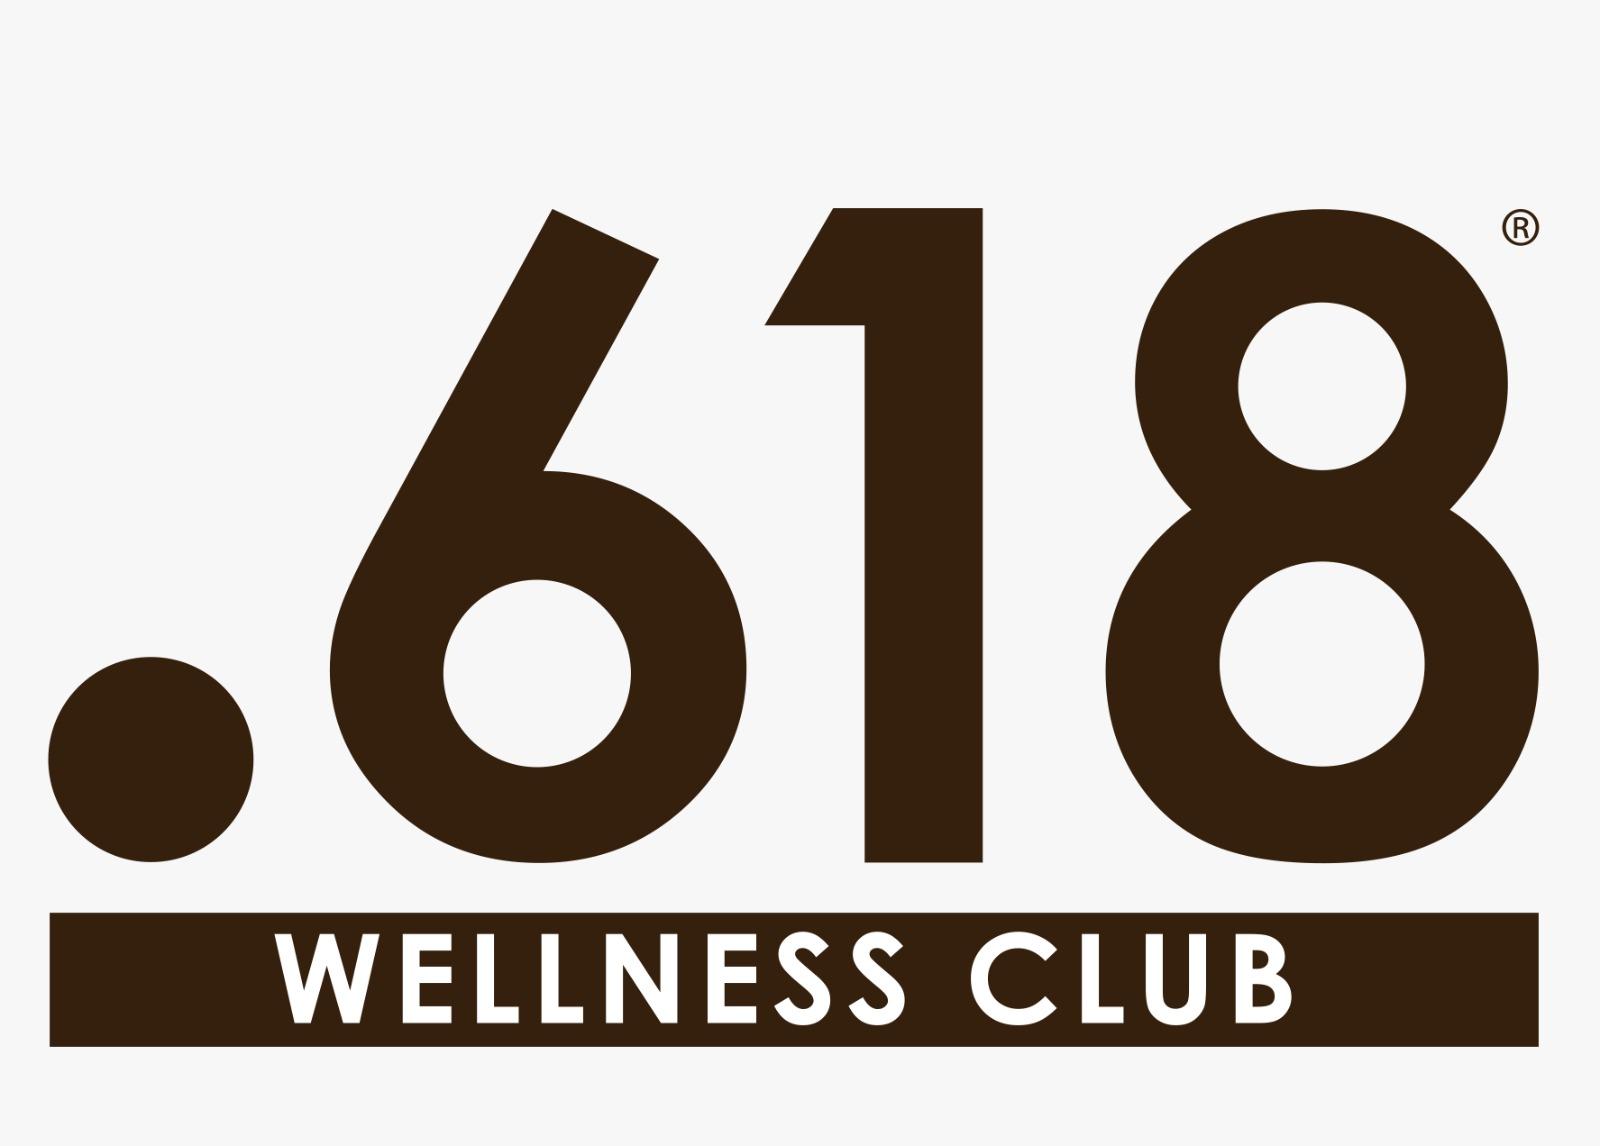 618 wellness club